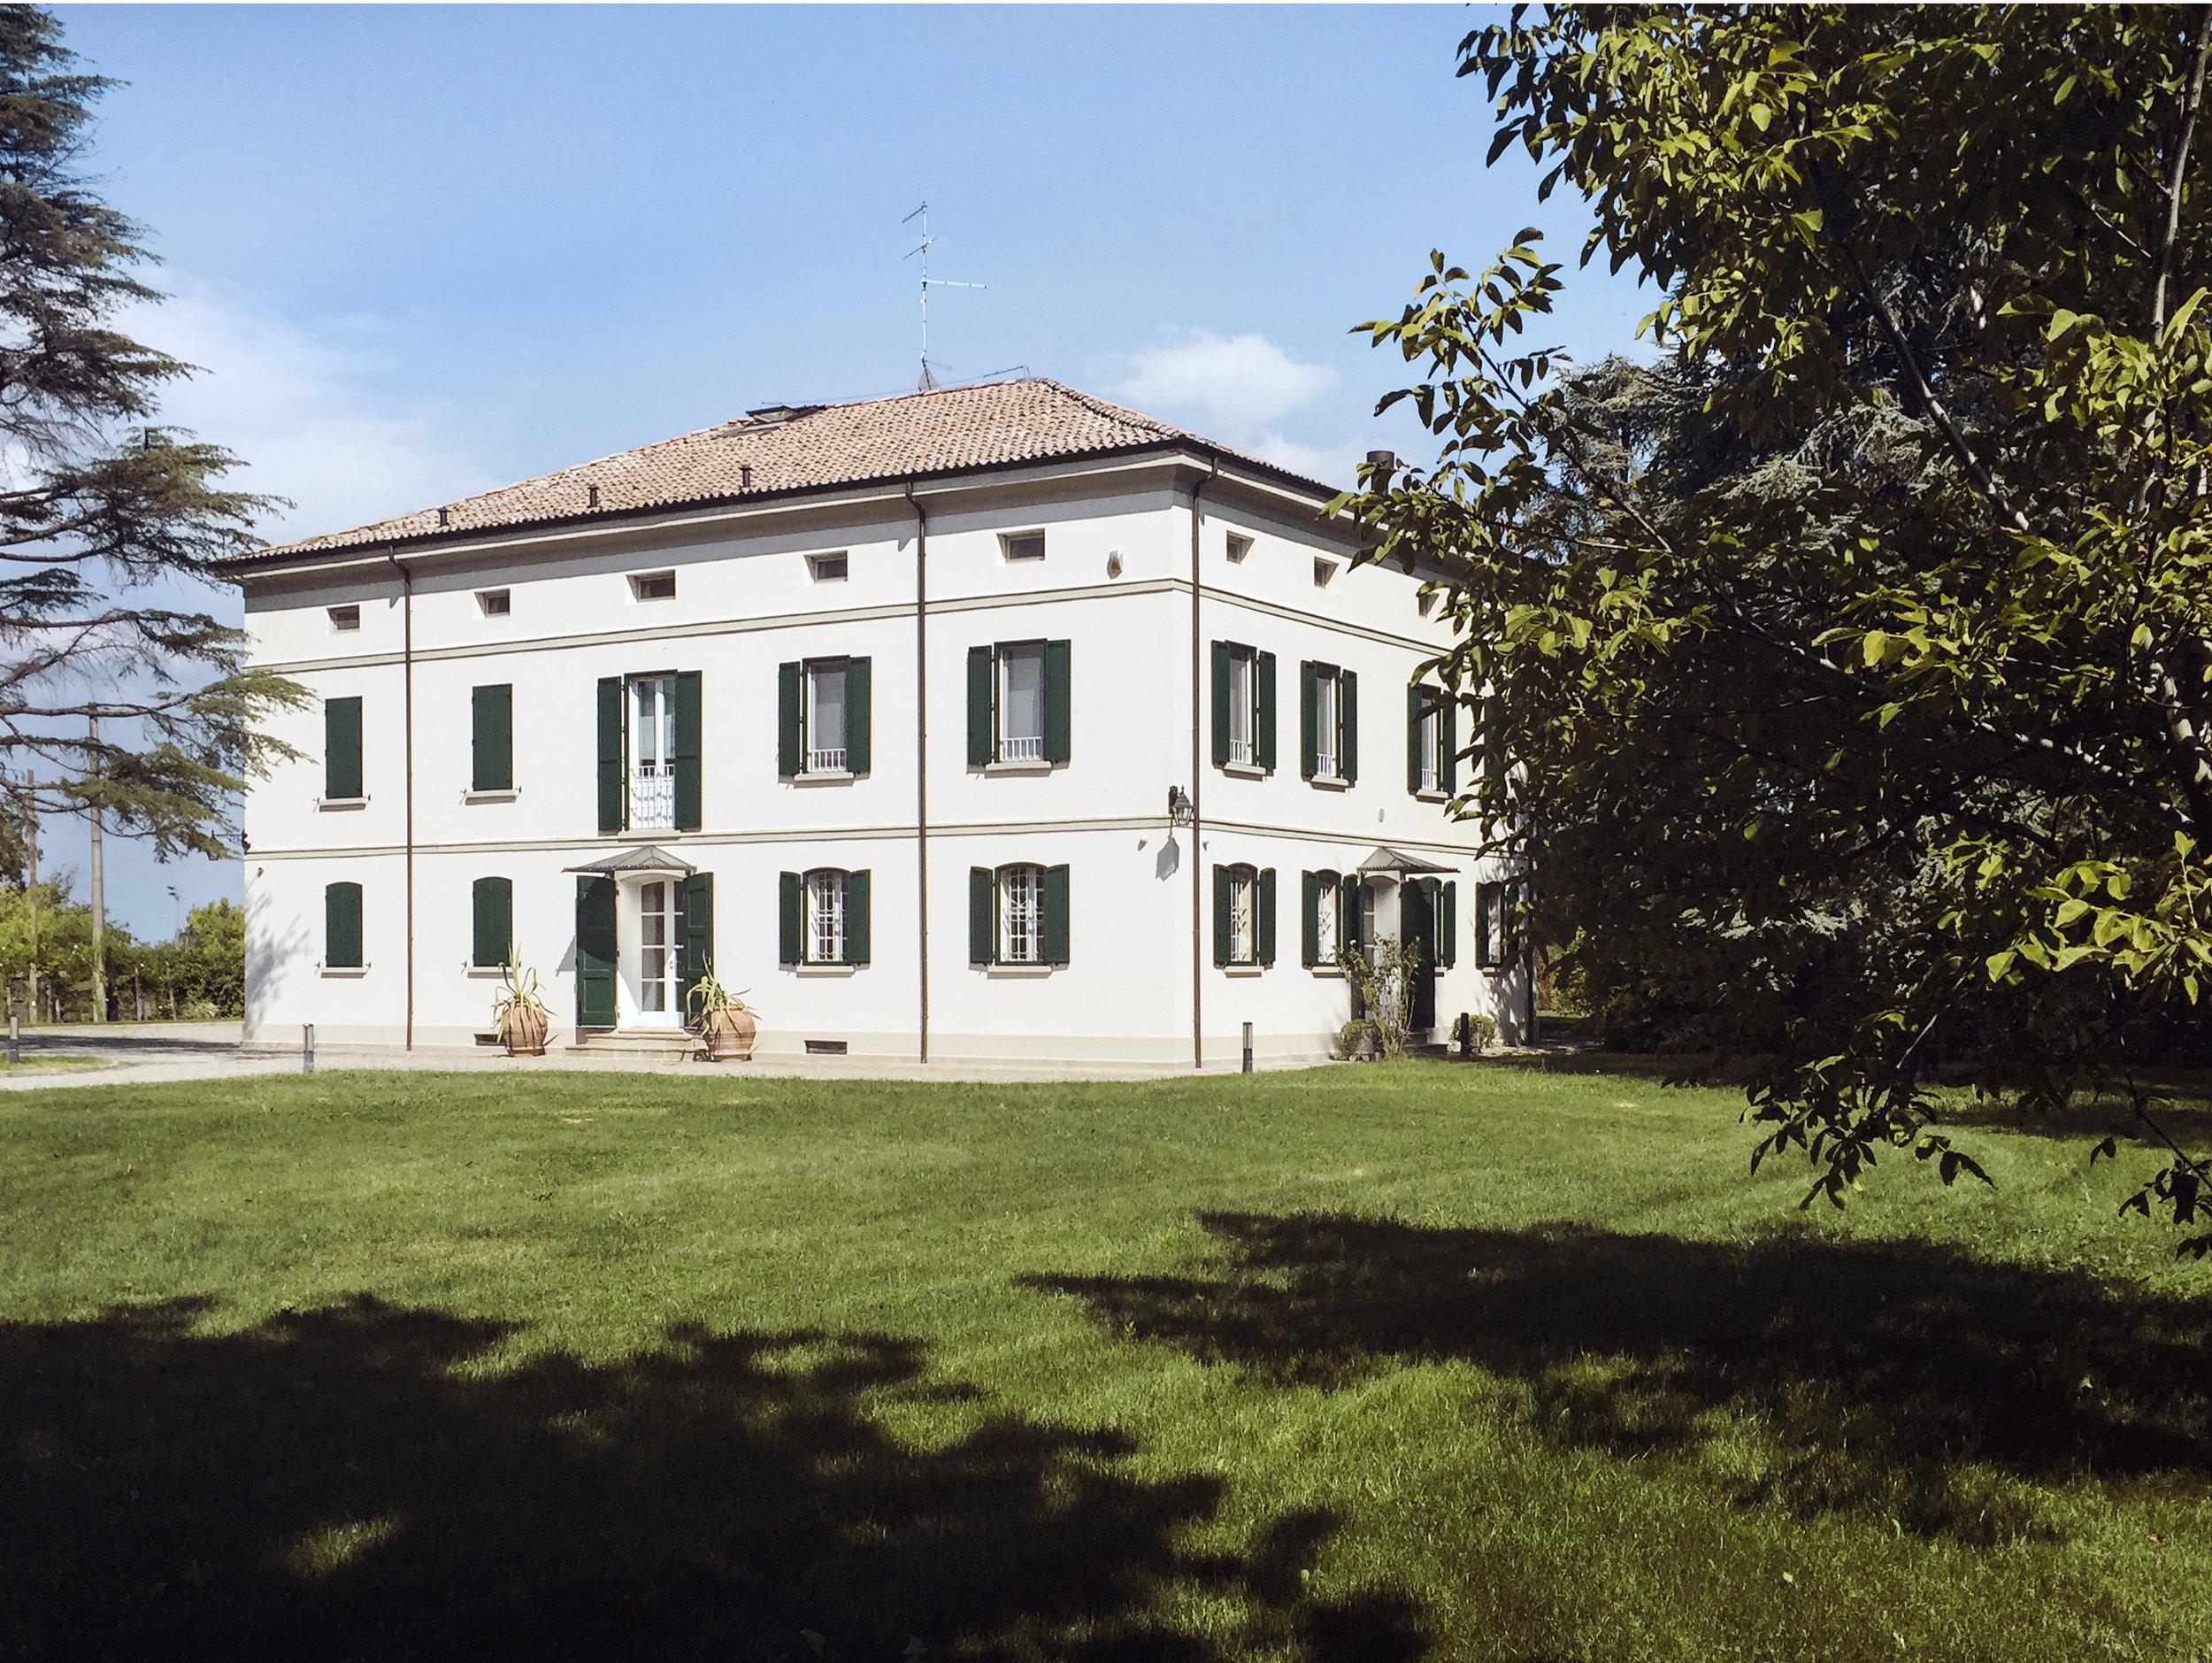 LA LOCATION - Villa Capriolo è la sede ideale per ospitare workshop, eventi, residenze e progetti disegnati ad hoc per quanti cercano un posto tranquillo, riservato, esclusivo e facilmente raggiungibile.